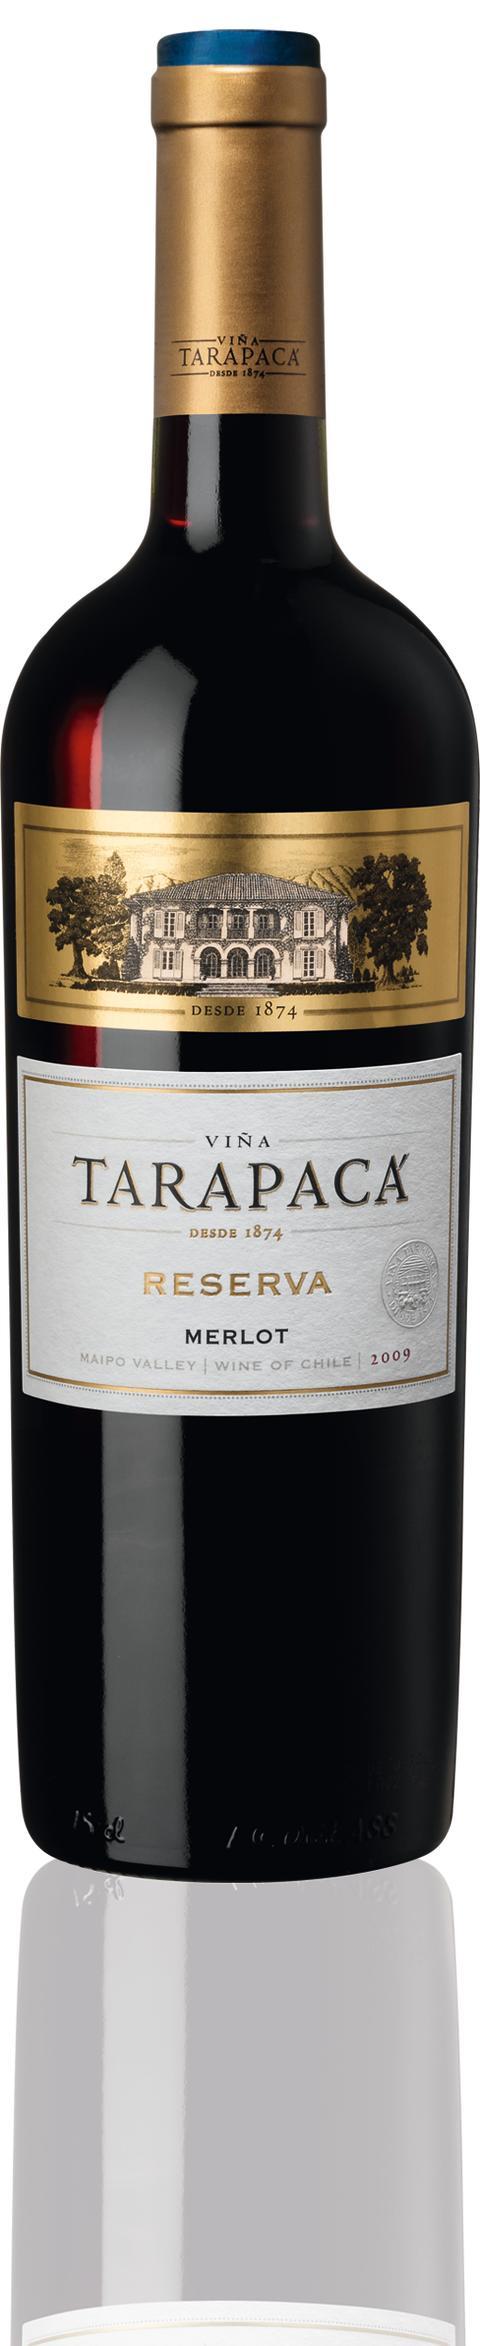 Tarapaca Reserva Merlot